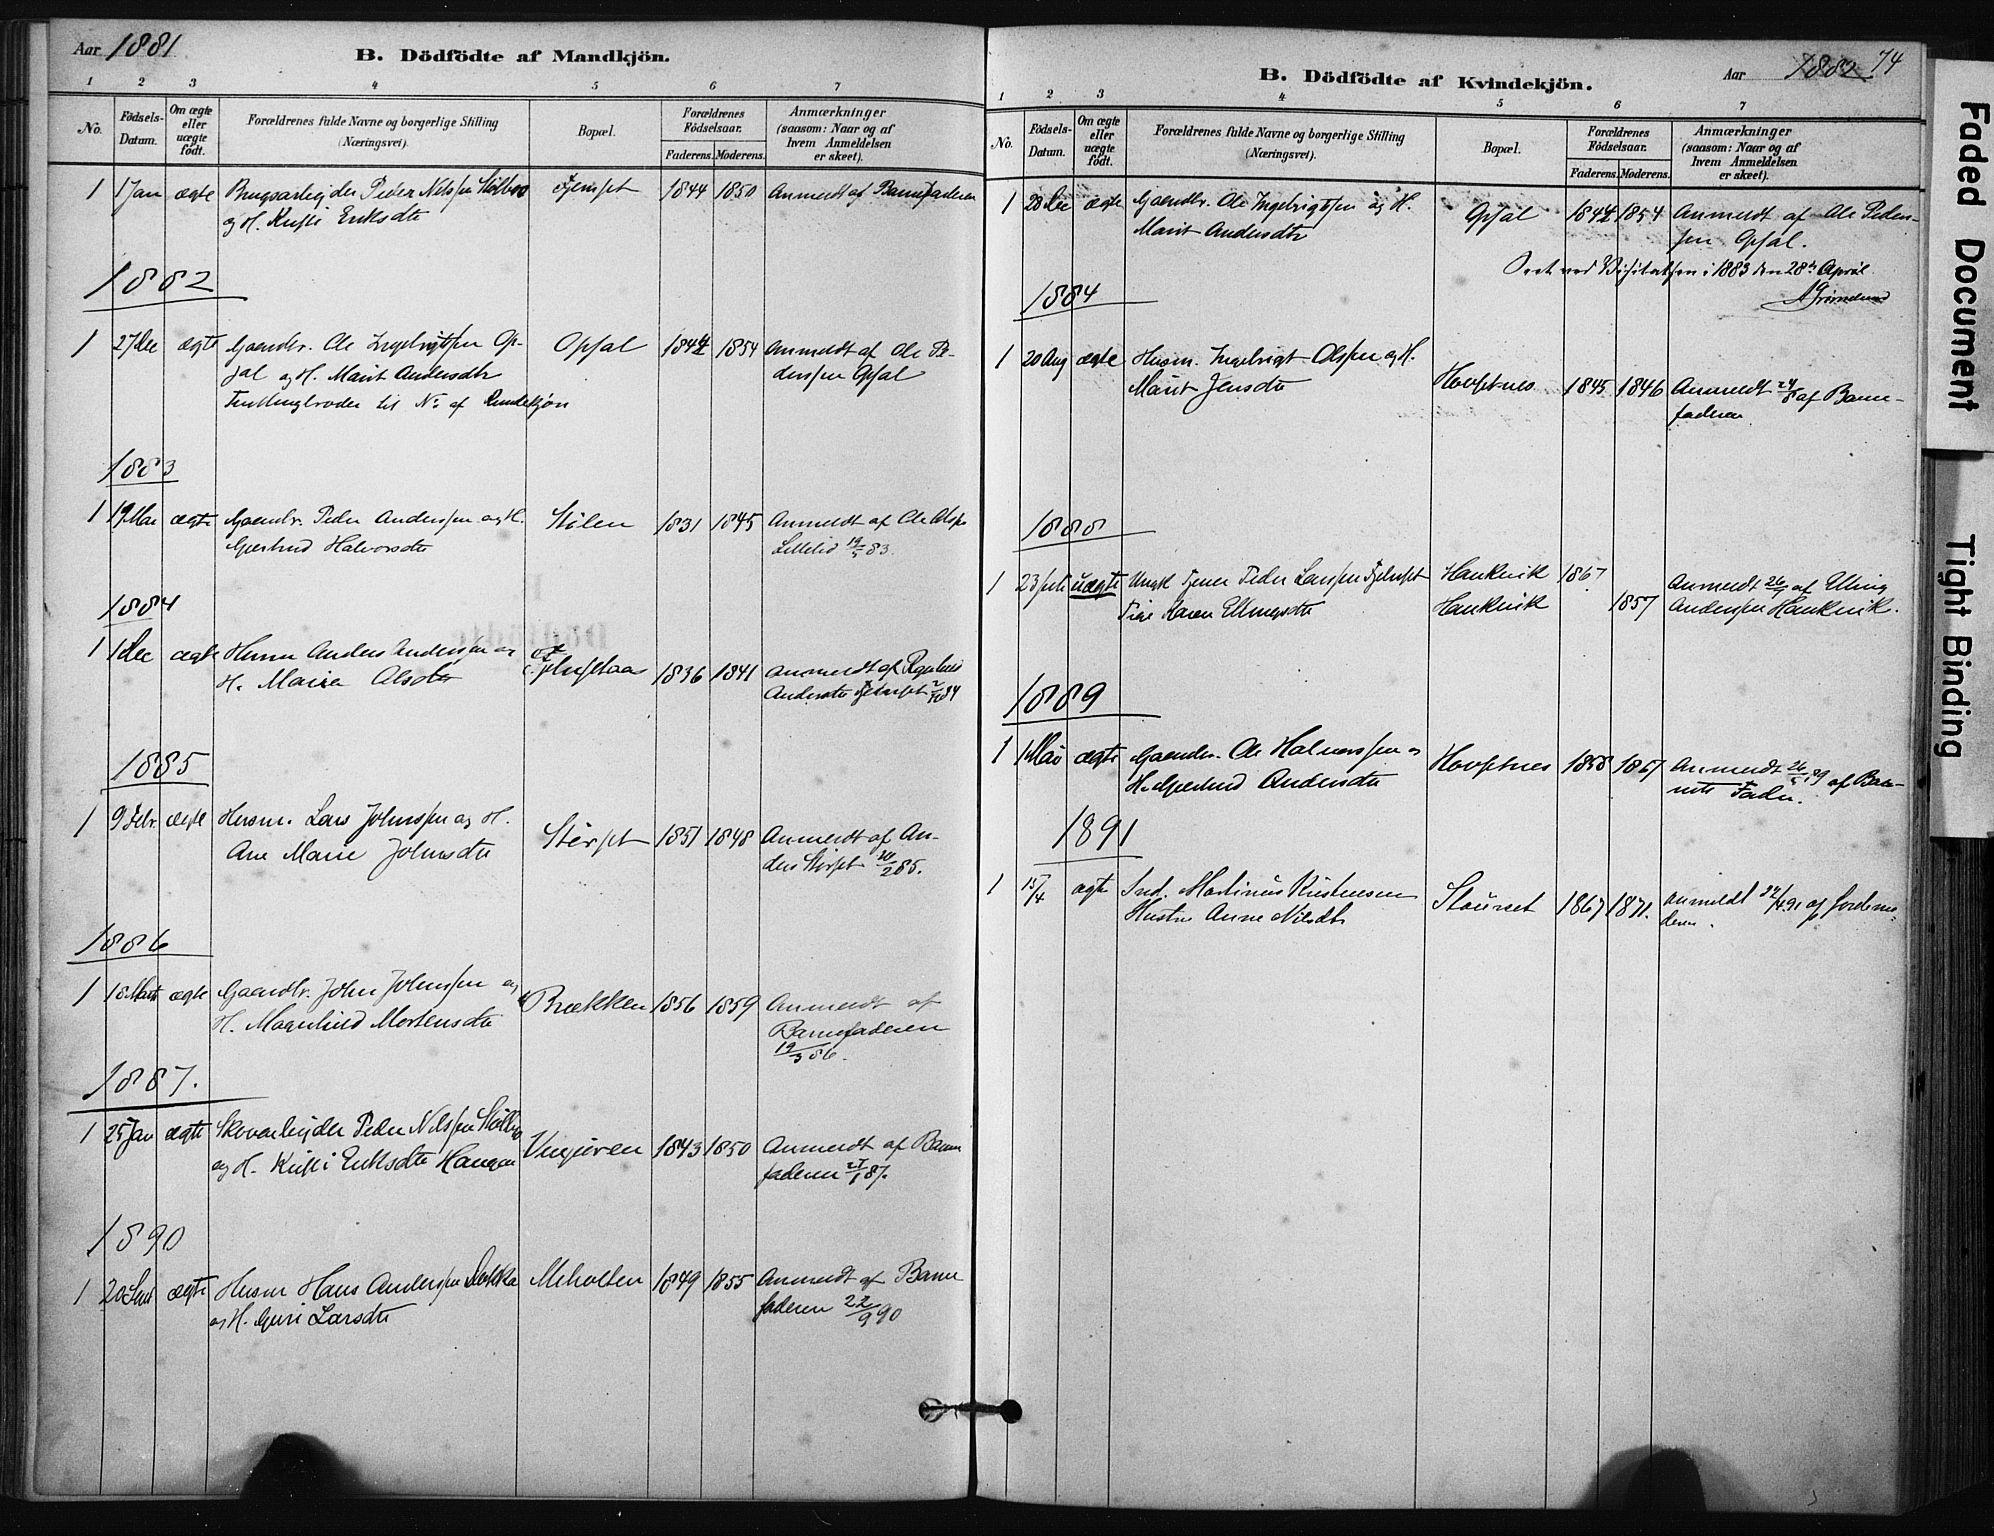 SAT, Ministerialprotokoller, klokkerbøker og fødselsregistre - Sør-Trøndelag, 631/L0512: Ministerialbok nr. 631A01, 1879-1912, s. 74